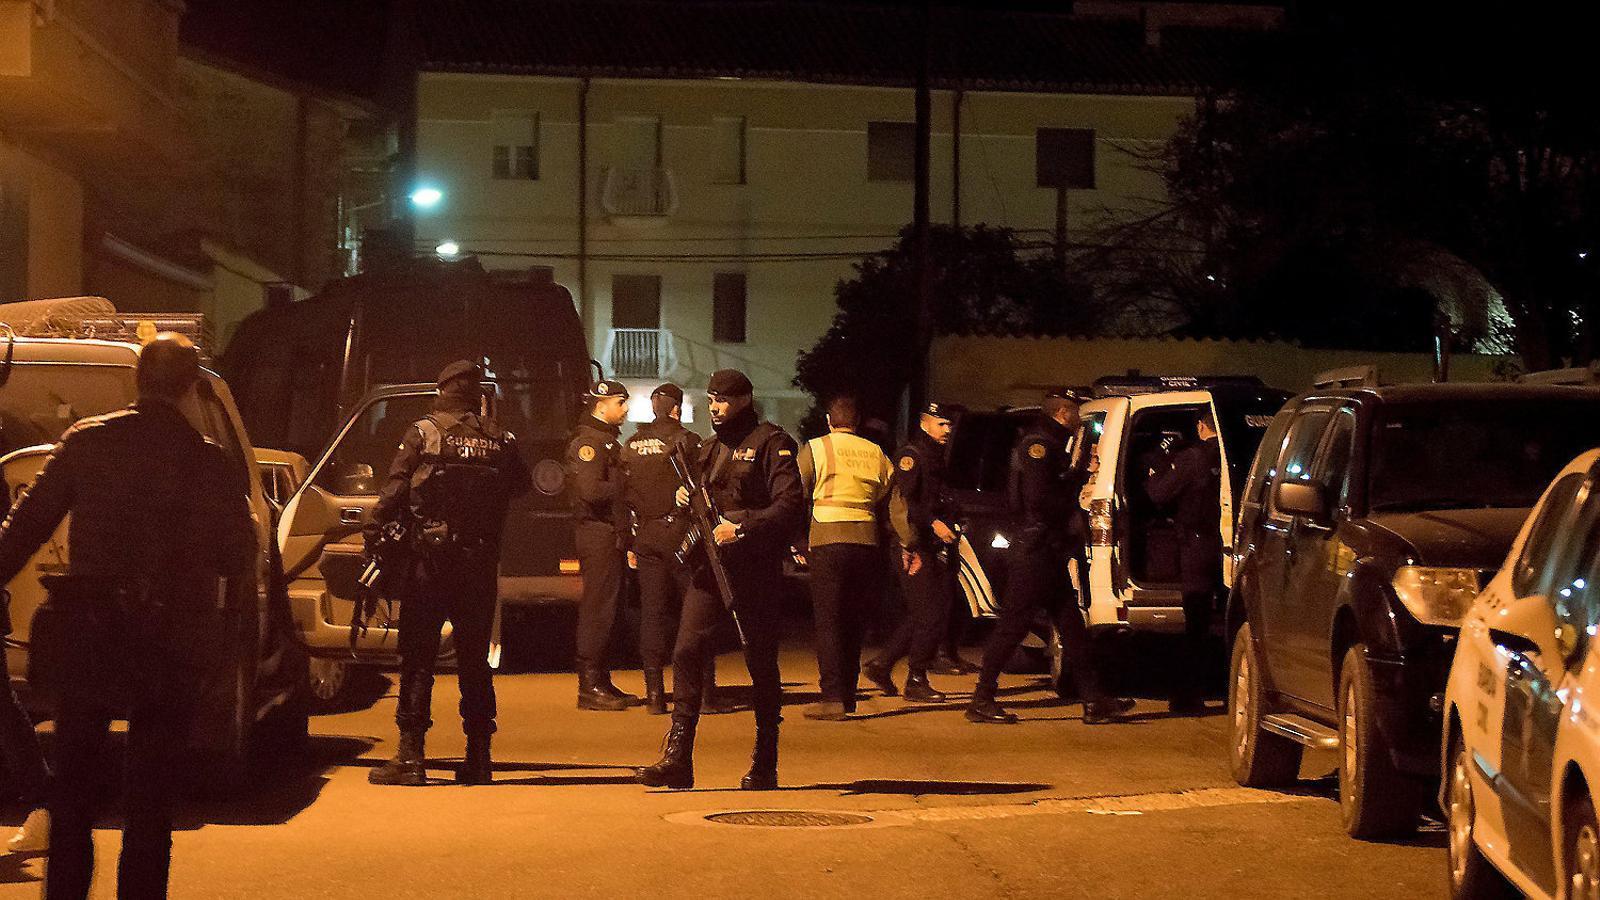 L'operatiu que va muntar la Guàrdia Civil dijous per trobar l'autor del tiroteig a Terol, on van morir tres persones.